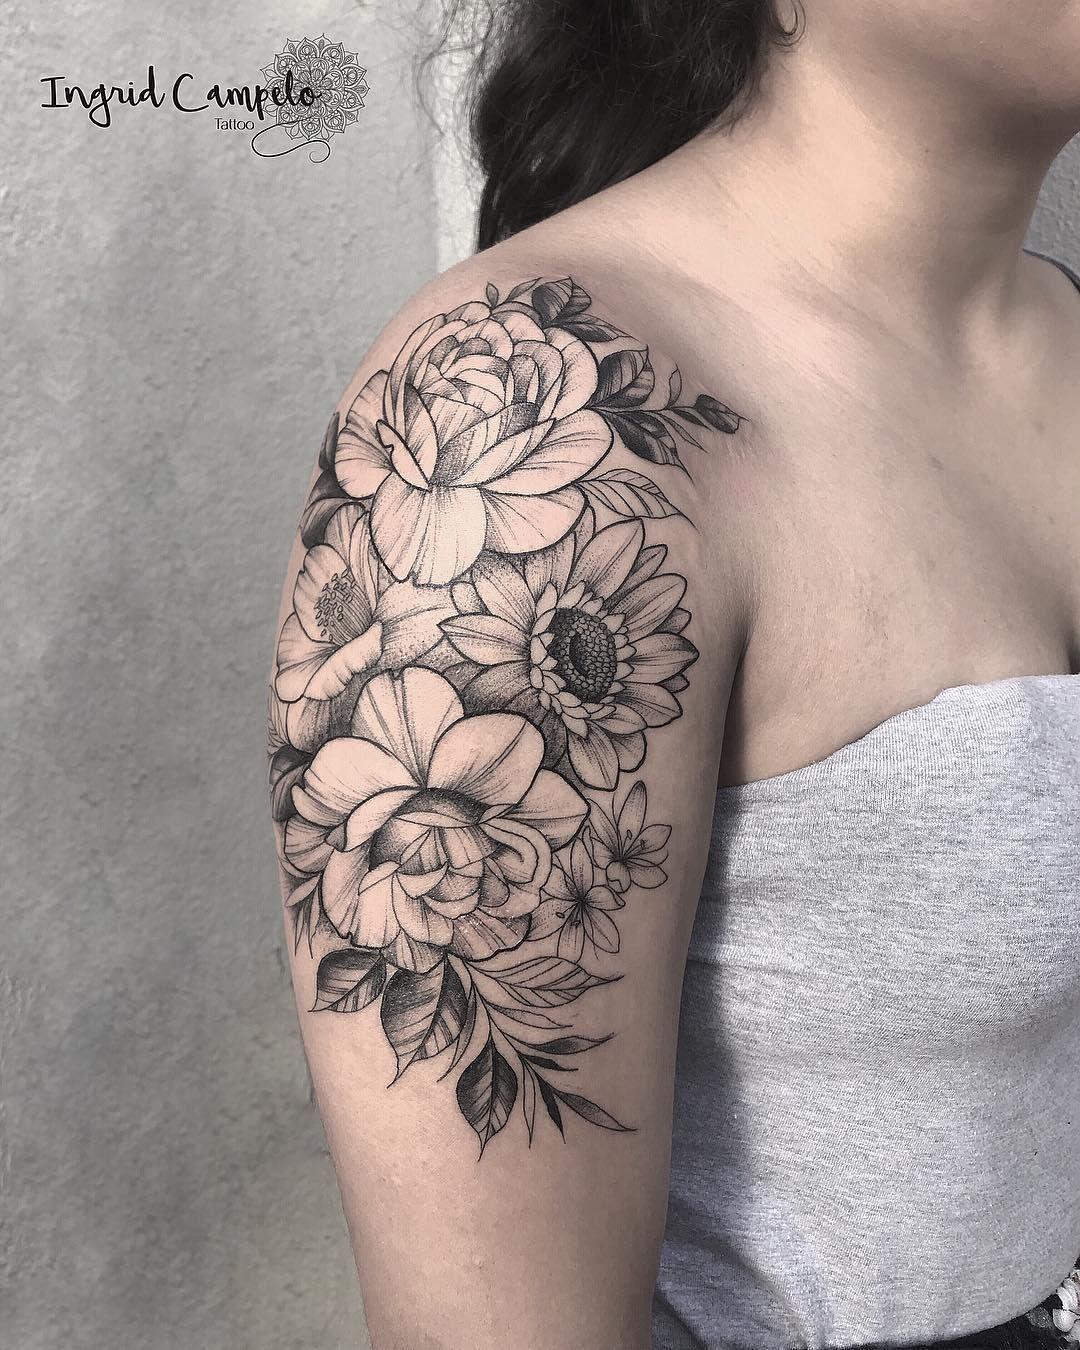 Tatuagens florais em blackwork e fineline um fenômeno